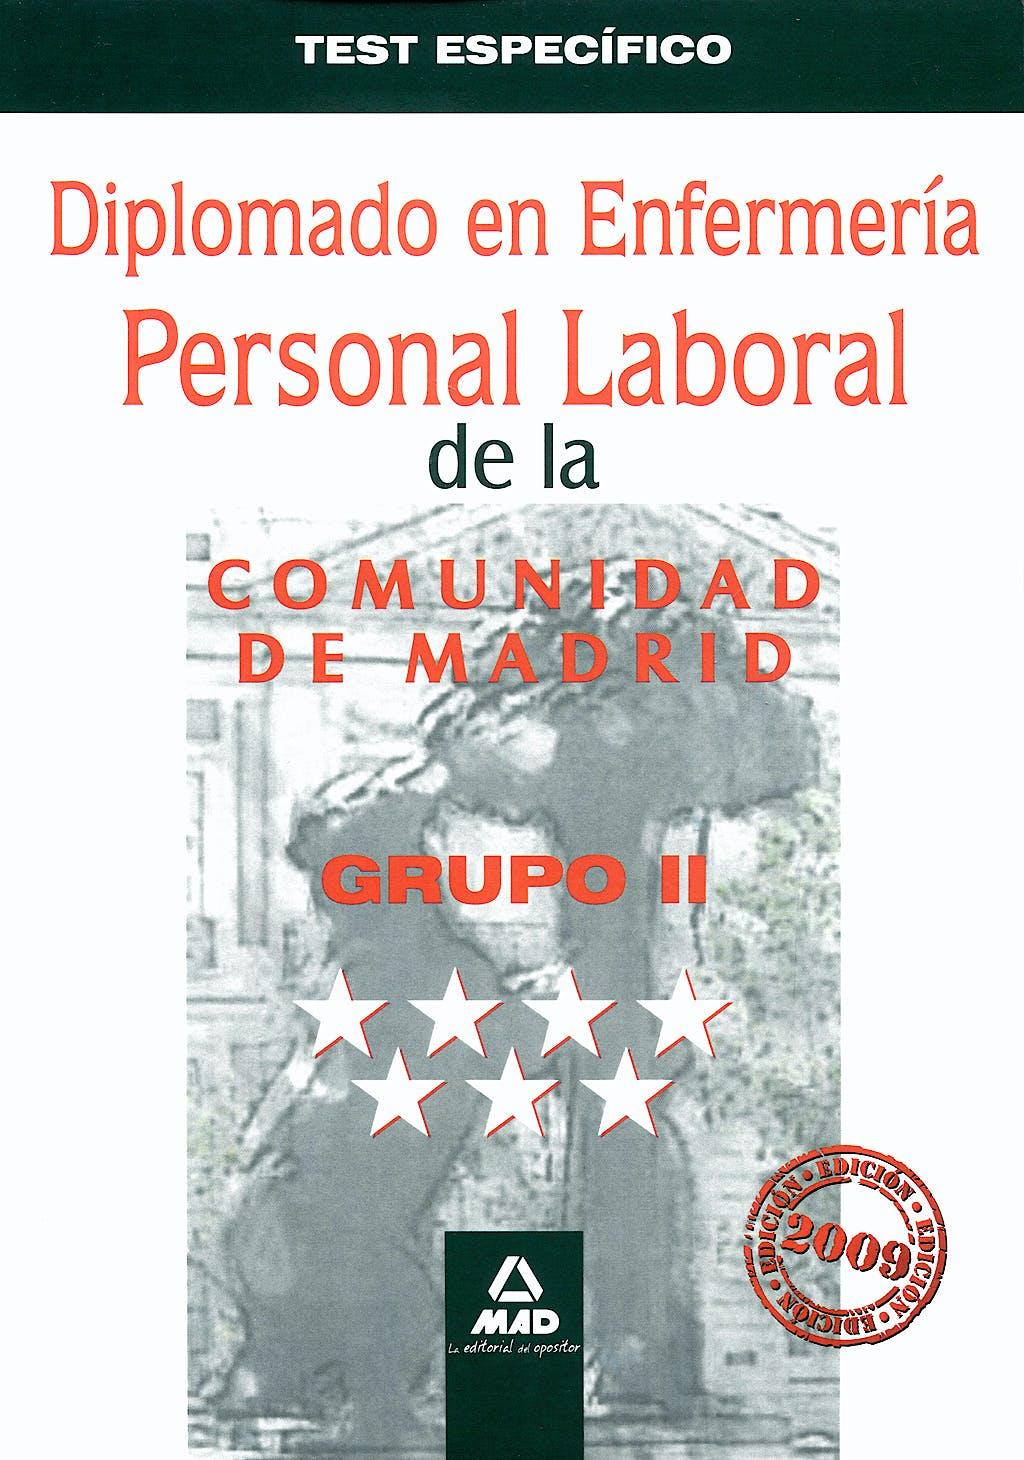 Portada del libro 9788467619119 Diplomado en Enfermeria. Grupo Ii. Personal Laboral de la Comunidad de Madrid. Test Especifico